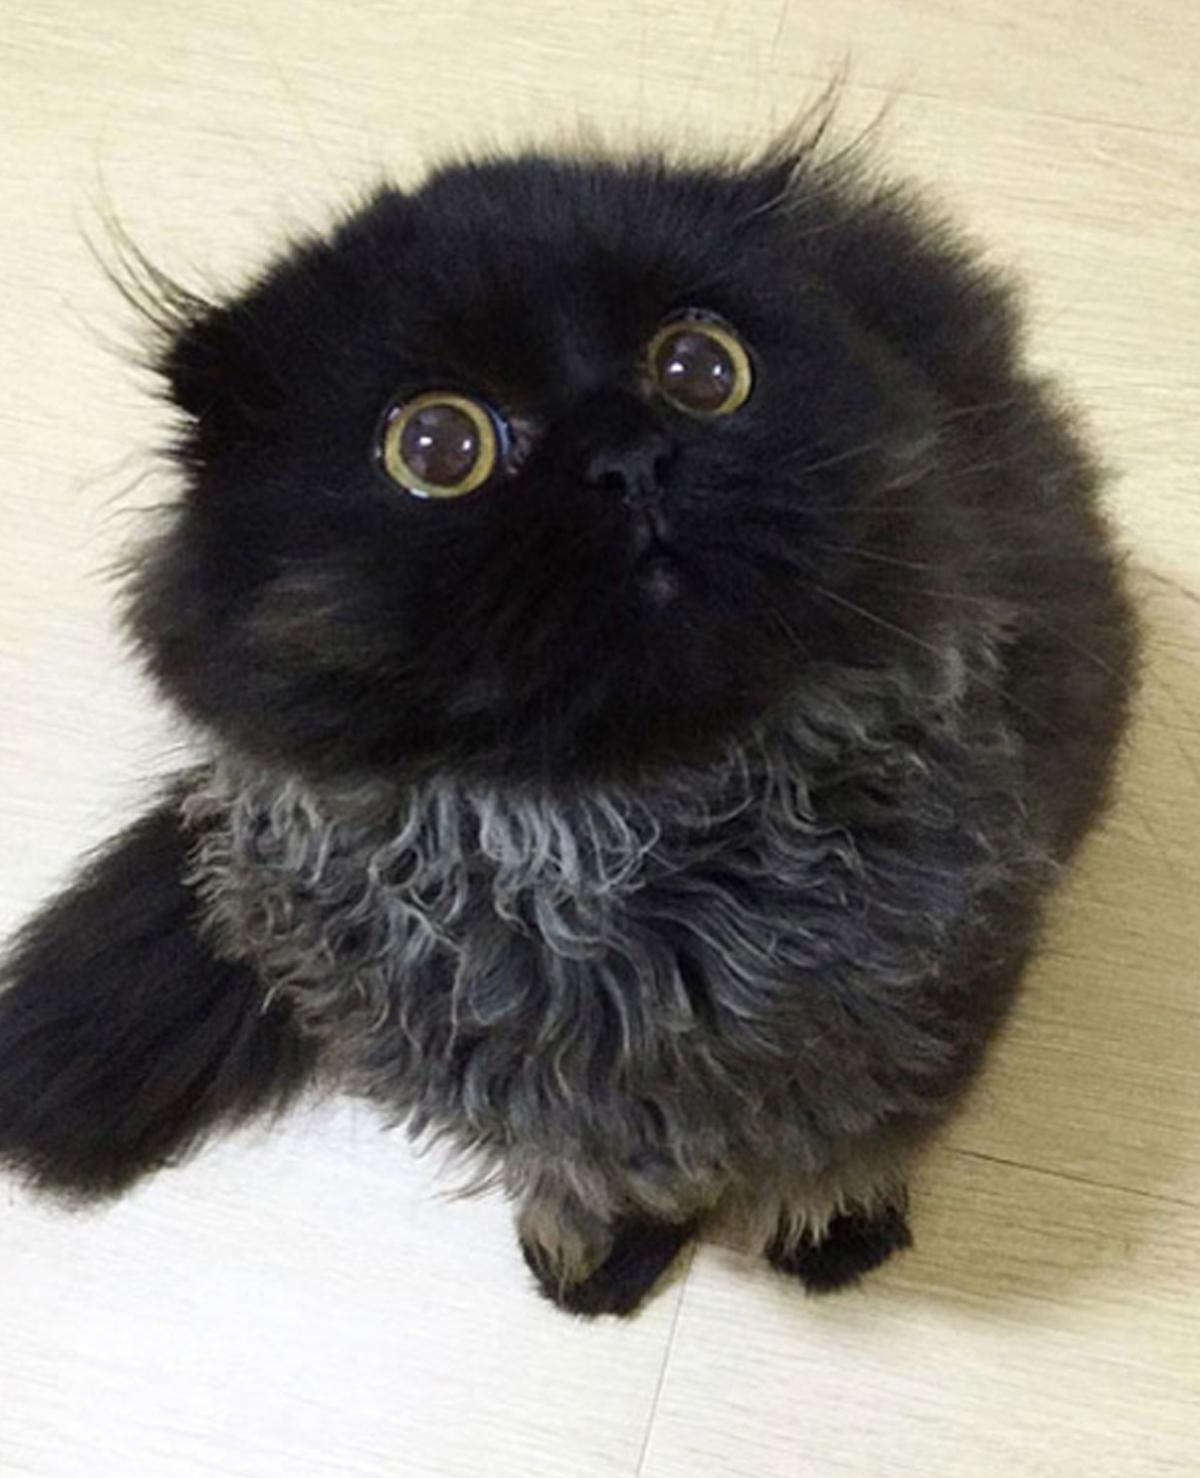 Deze kat heeft misschien wel de grootste ogen die we ooit gezien hebben